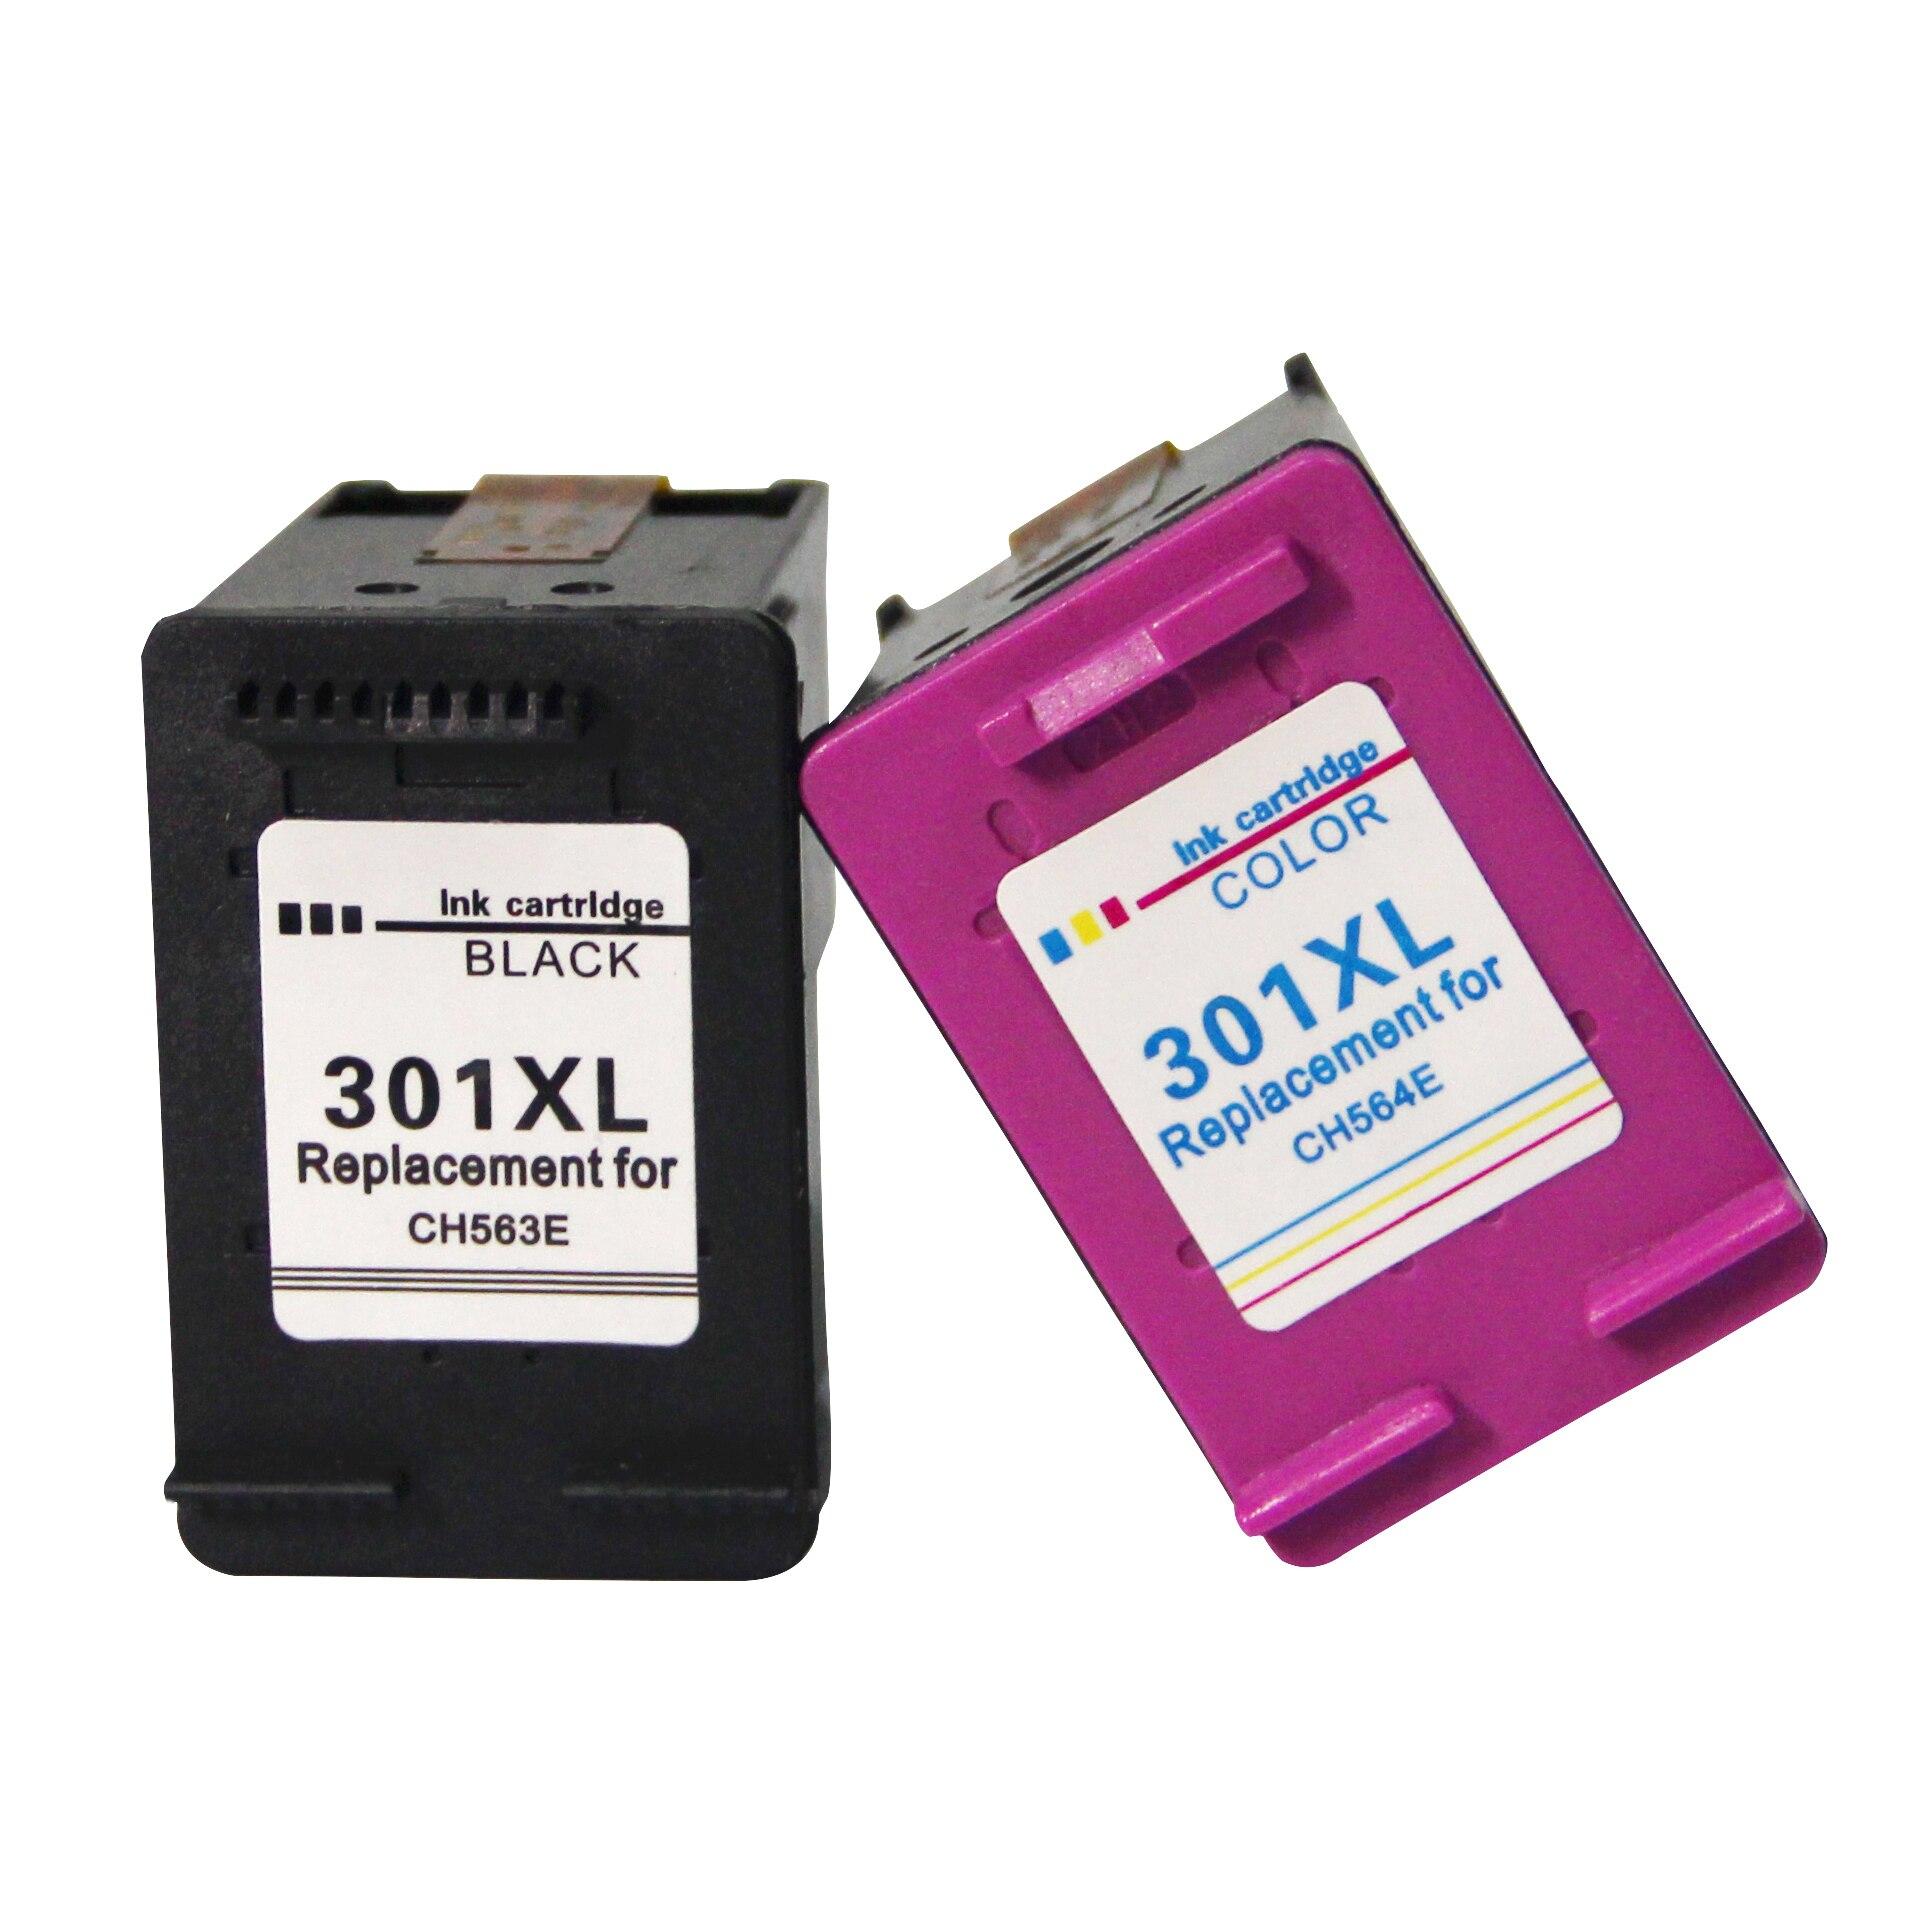 Kompatybilny wkład z atramentem 301XL dla HP 301 działa na drukarki HP Deskjet 1000 1050 2000 2050 2050S 2510 3510 3050 3050a drukarki